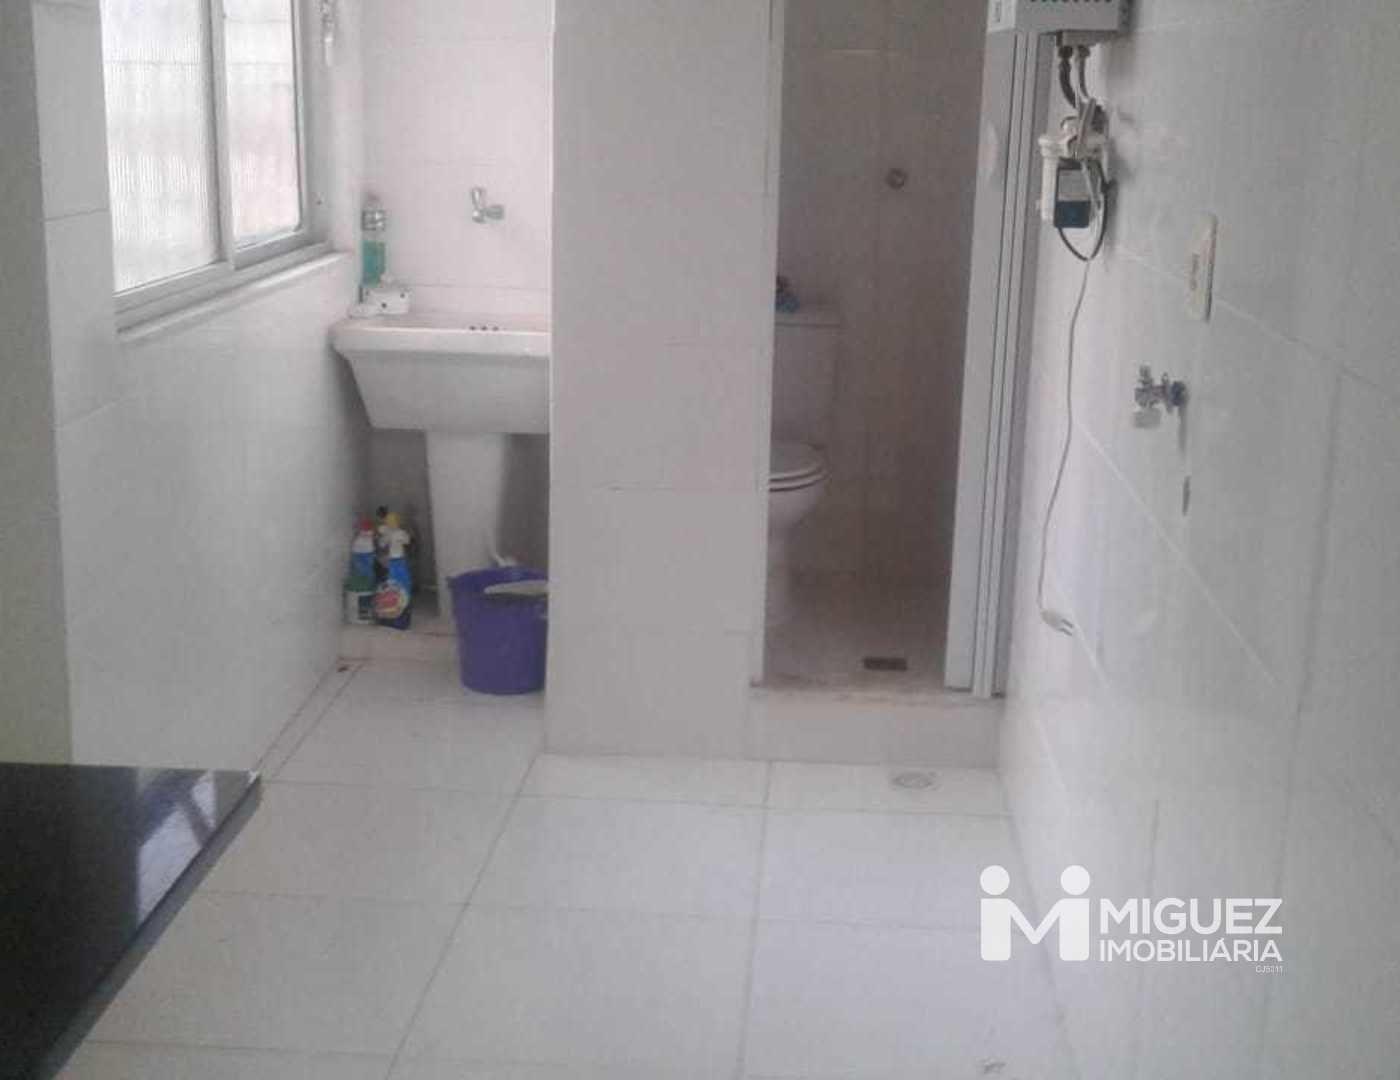 Apartamento, venda, Rua Doutor Dilermando Cruz - Tijuca , Rio de janeiro